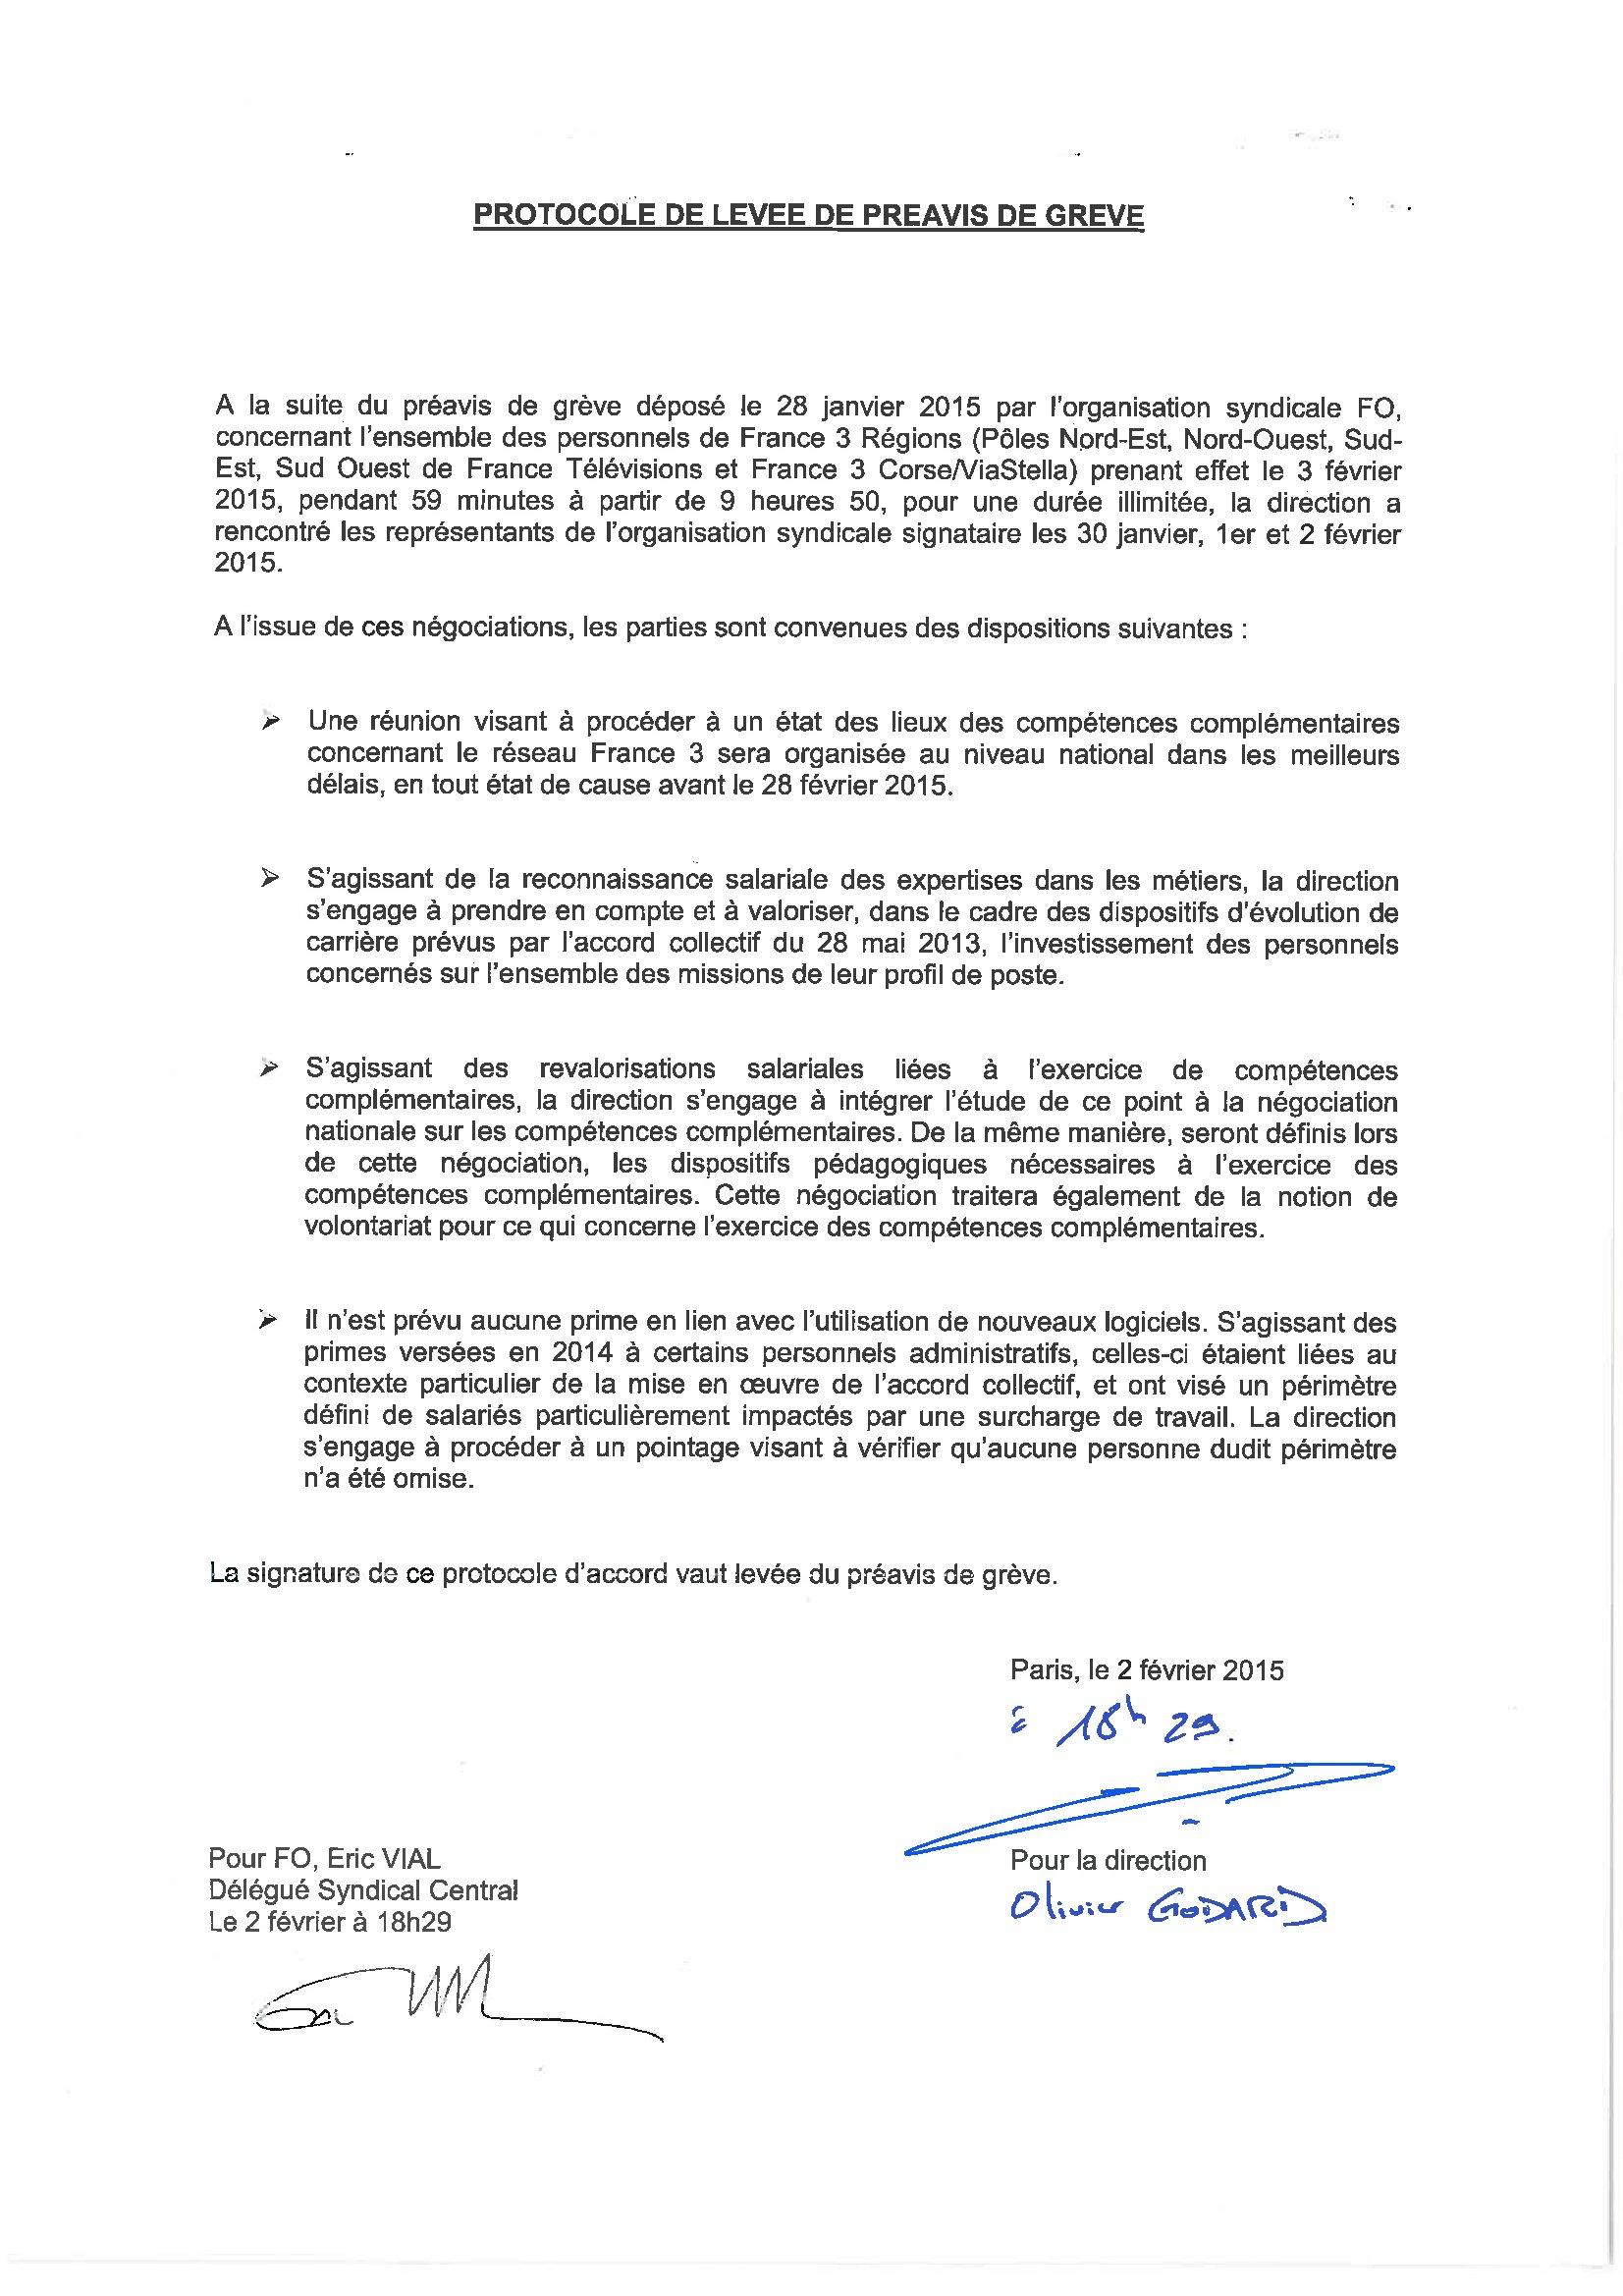 Protocole levée préavis grève FO : Compétences complémentaires